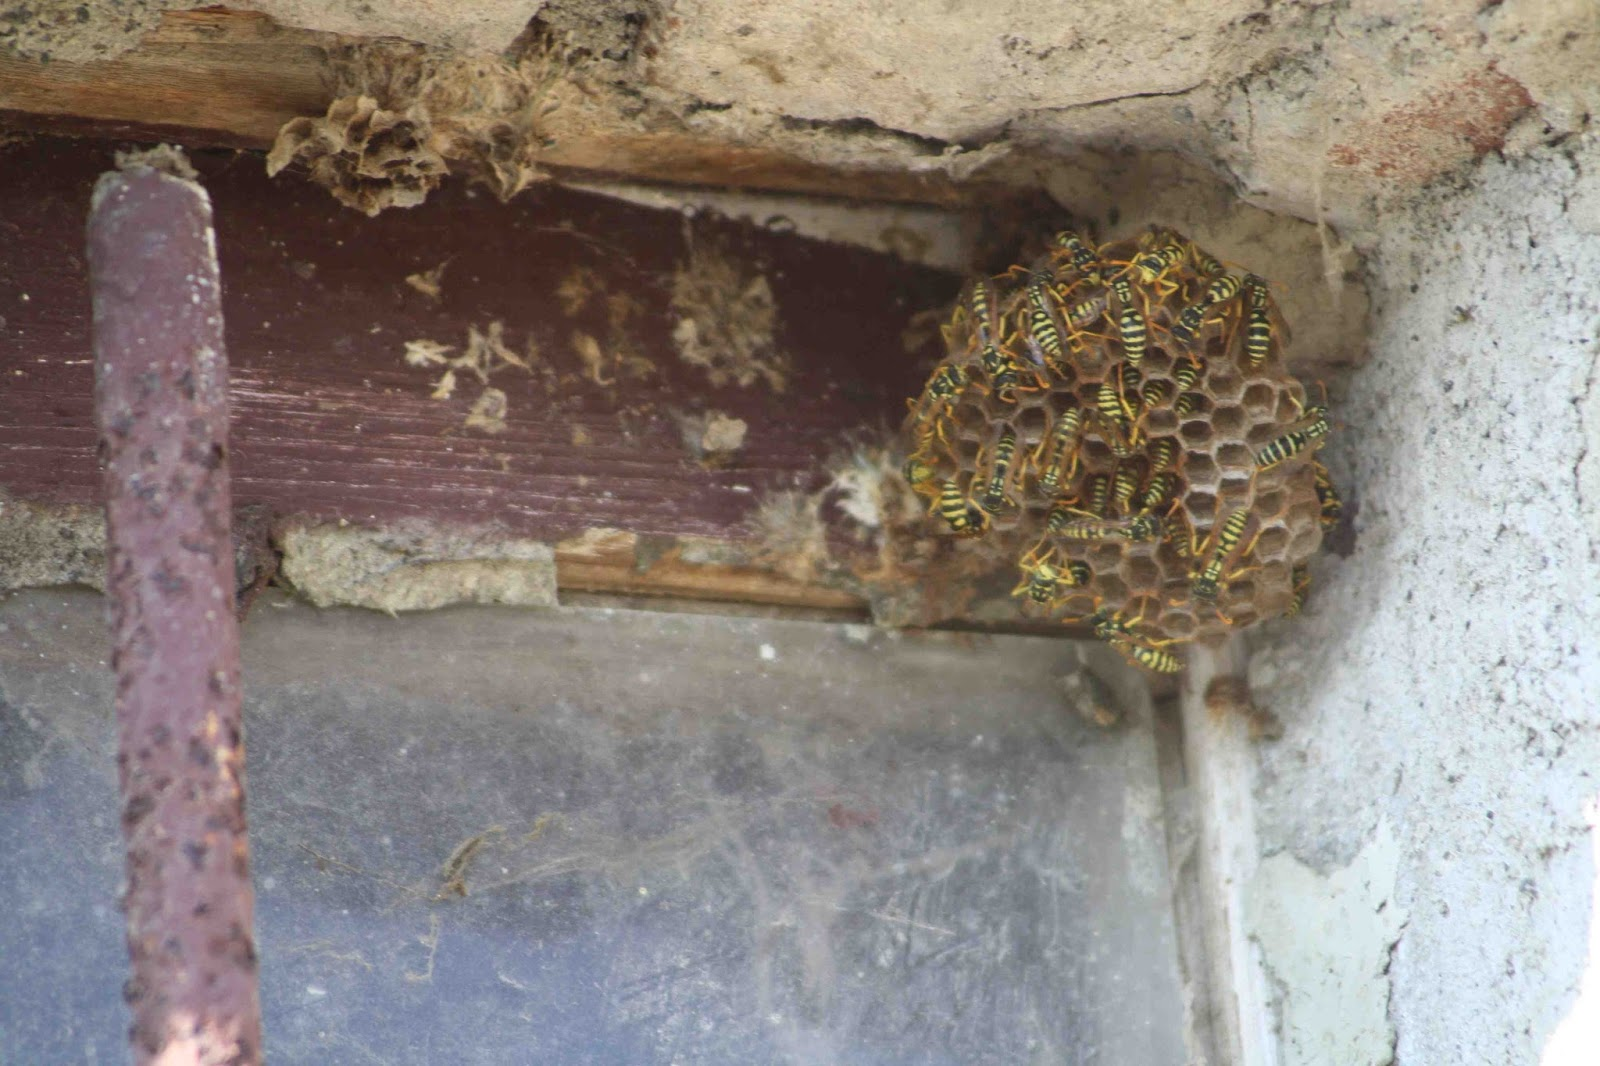 Finestra Oblò Leroy Merlin le vespe: c'è anche e ancora (forse) questo mondo!